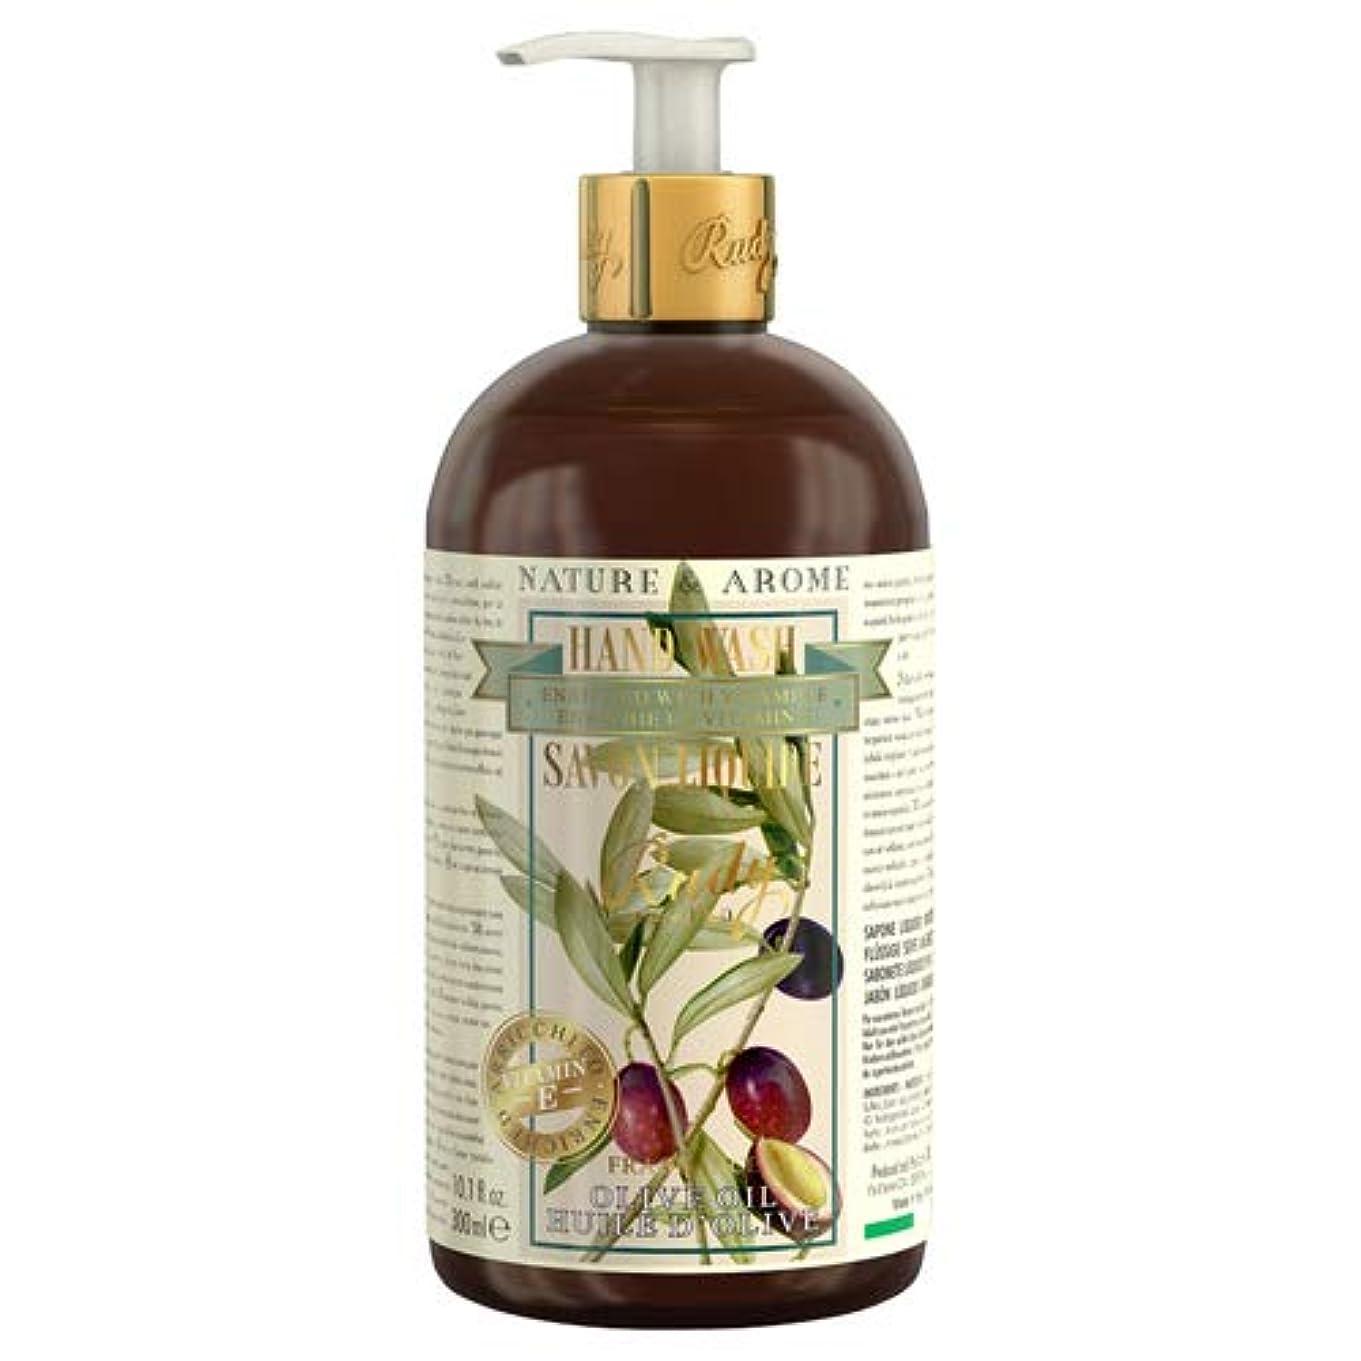 郵便番号咲くかもしれないRUDY Nature&Arome Apothecary ネイチャーアロマ アポセカリー Hand Wash ハンドウォッシュ(ボディソープ) Olive Oil オリーブオイル